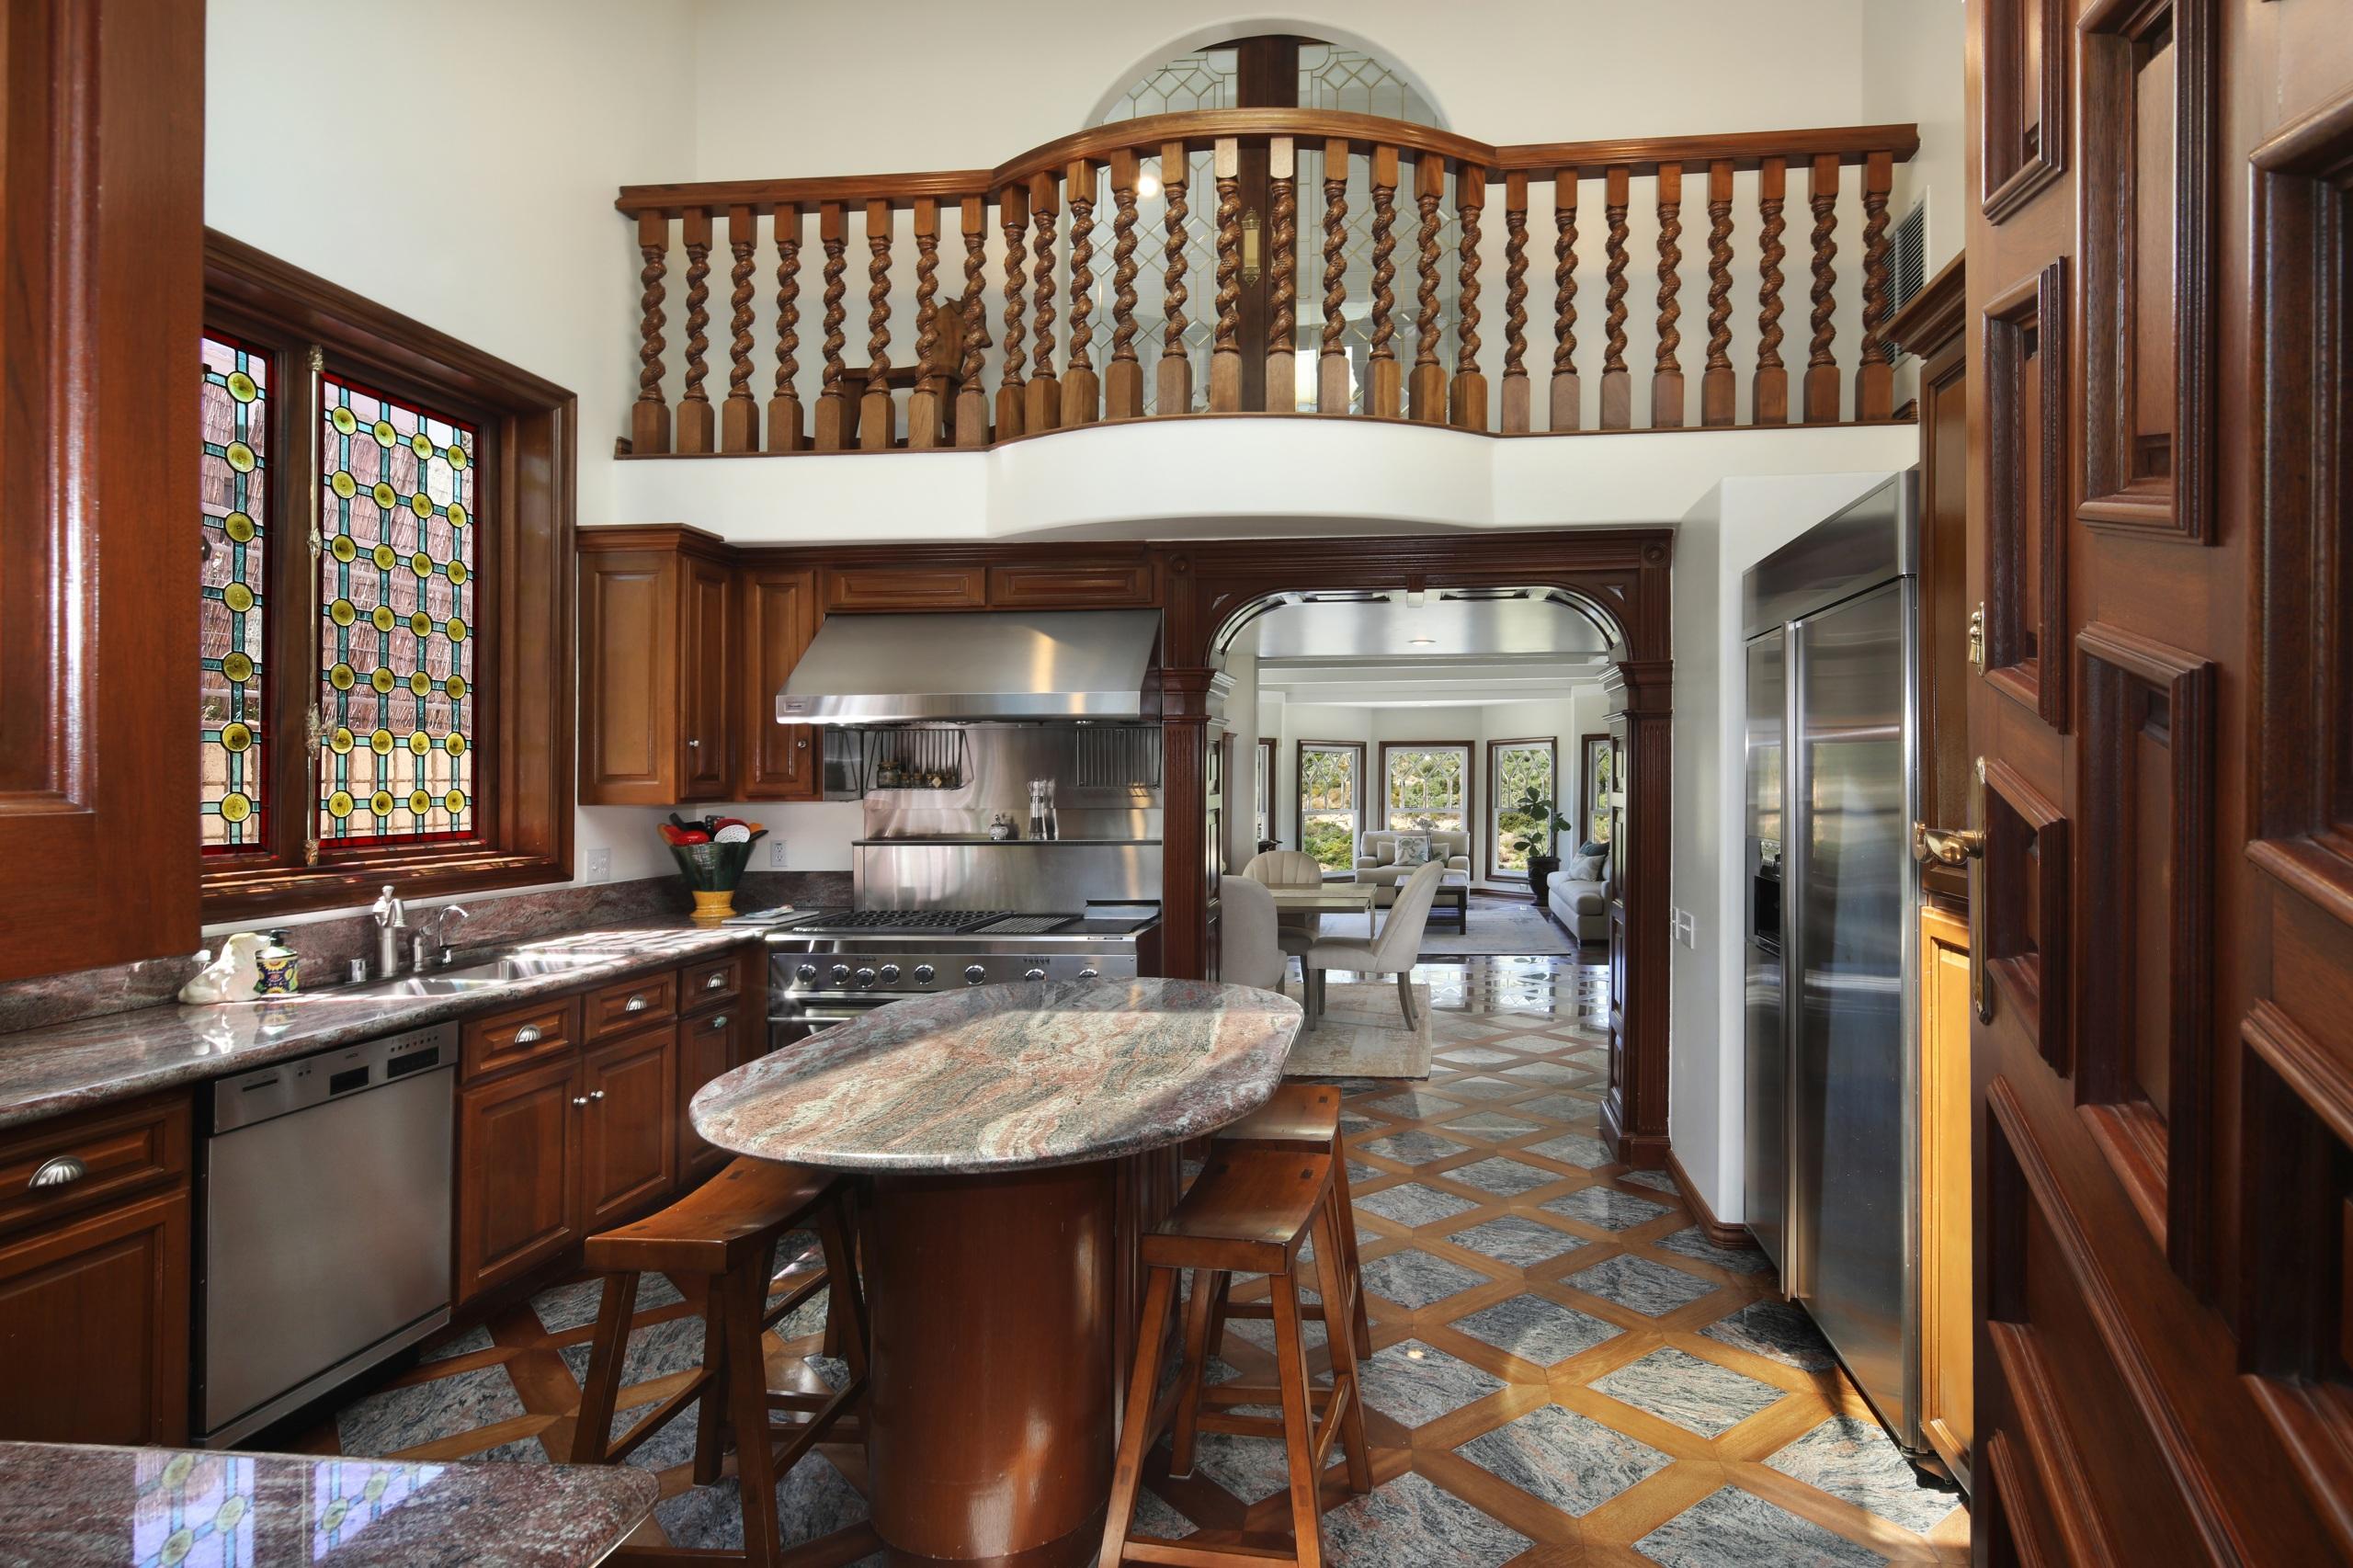 Фотографии кухни Интерьер стола дизайна 2560x1706 Кухня Стол столы Дизайн